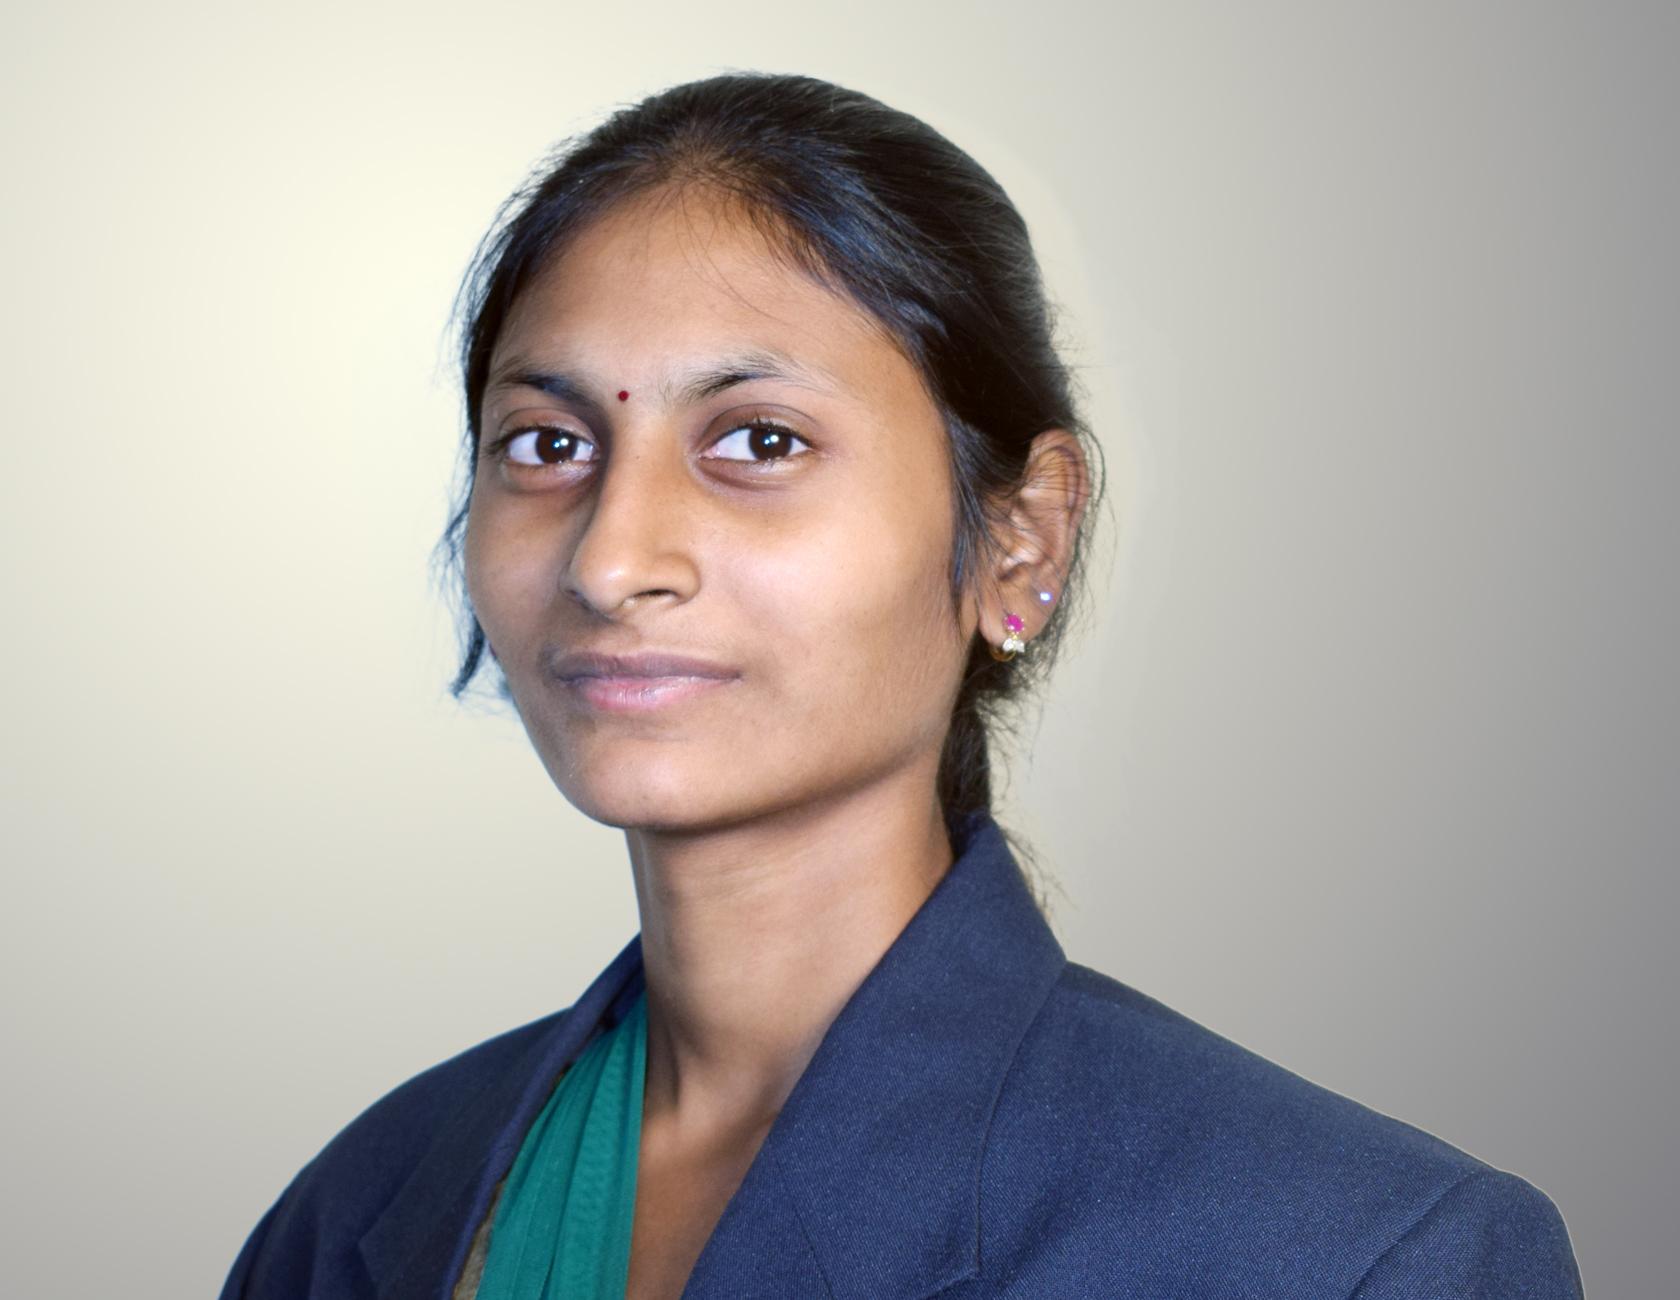 Lakshmichaitanya-Bodipudi